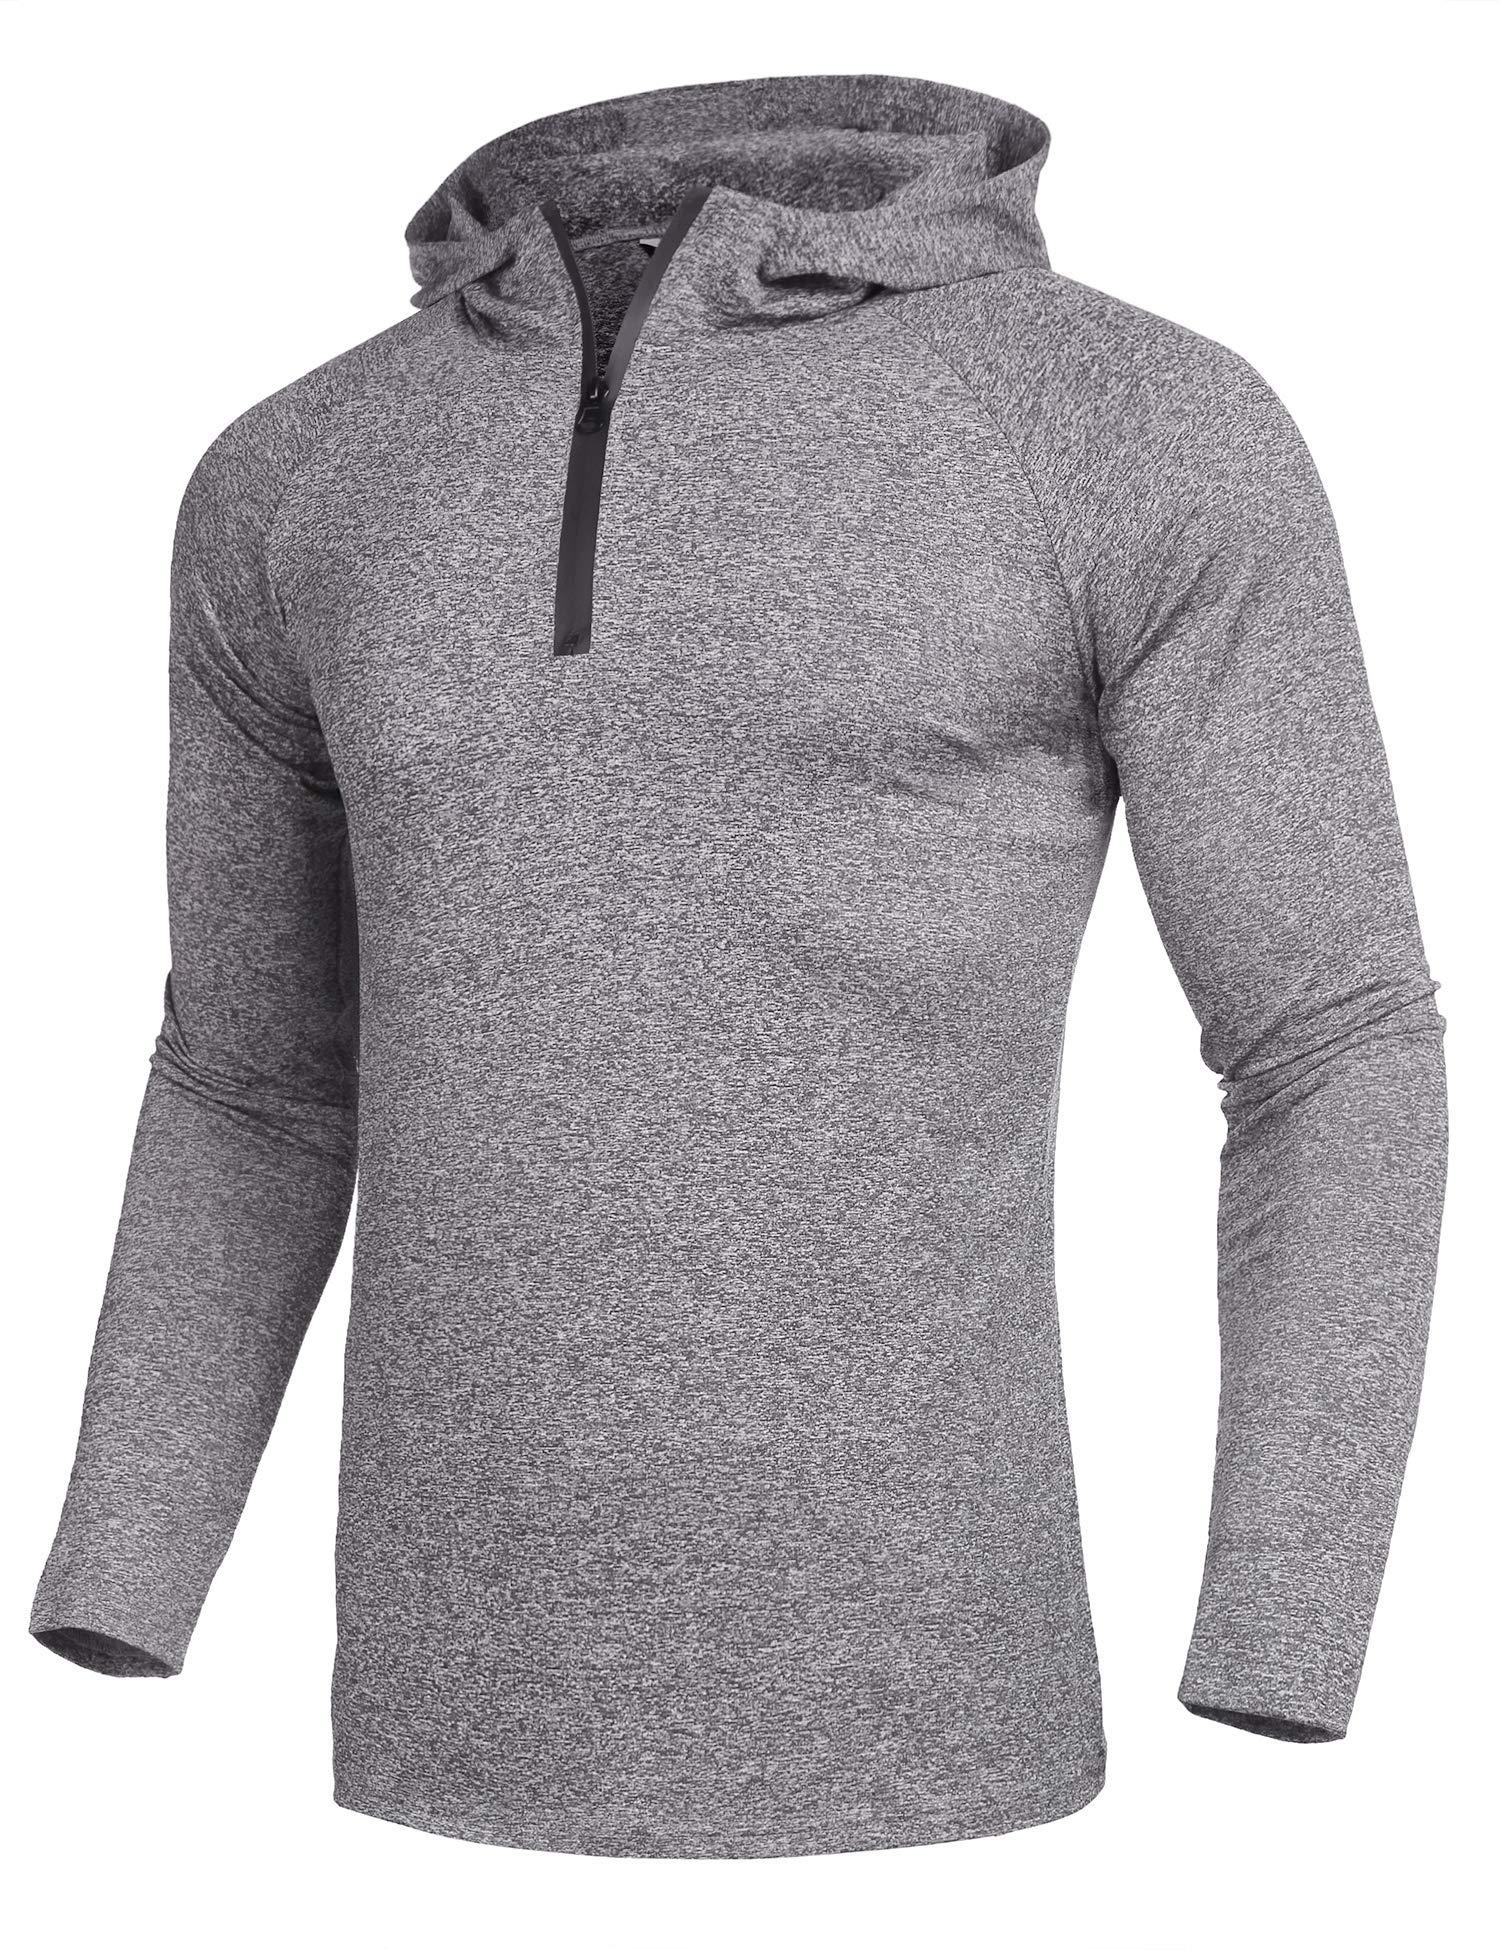 COOFANDY Men's Active Quarter Zip Hoodies Training Athletic Pullover Shirt